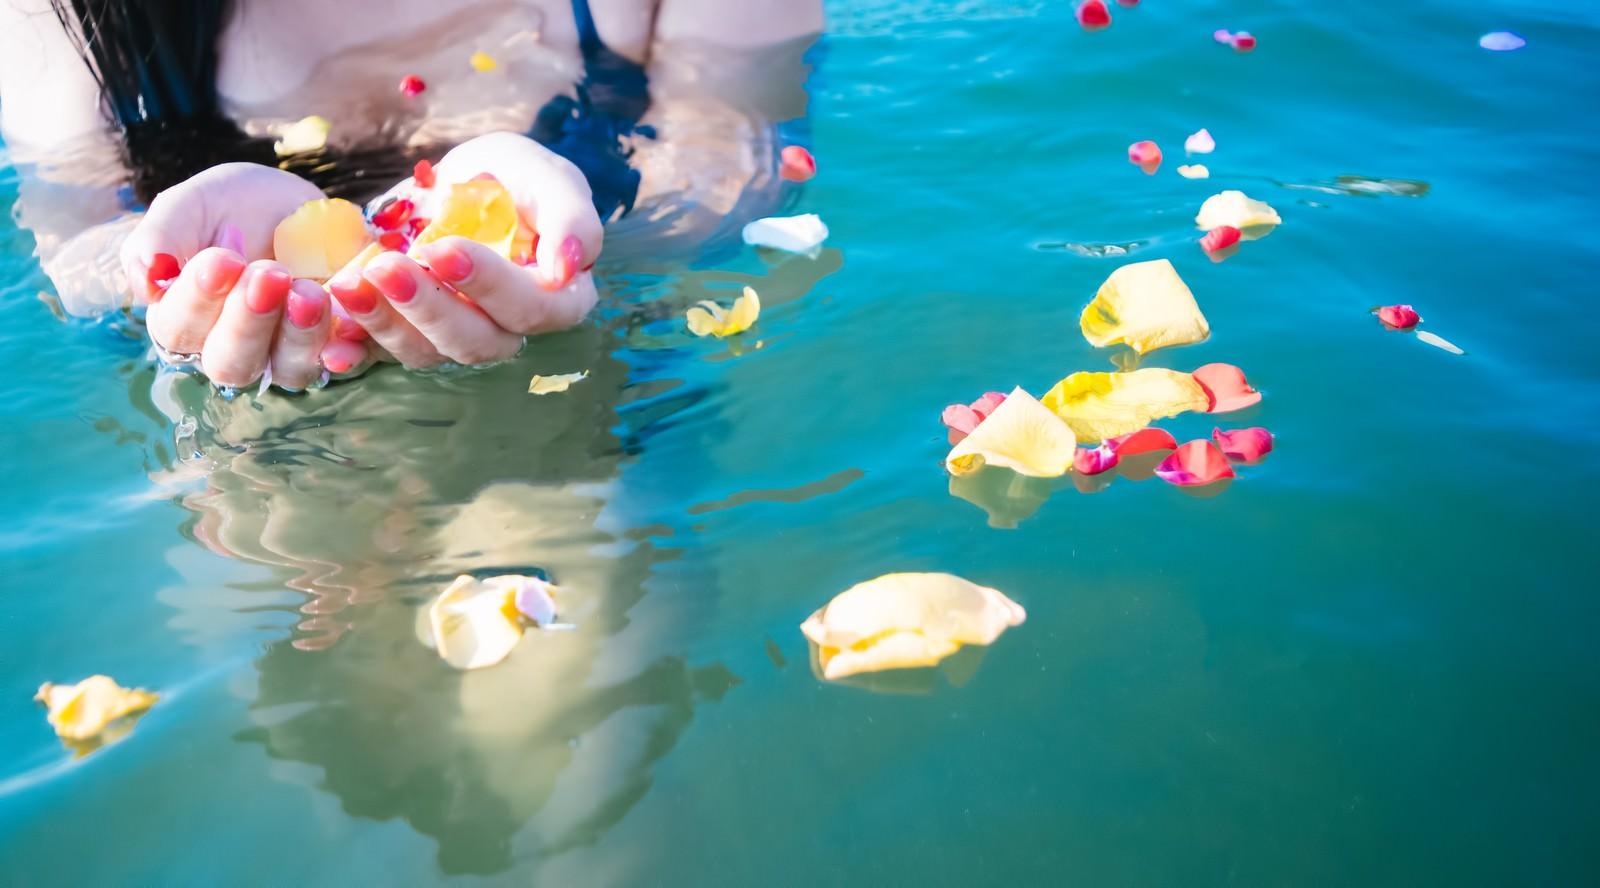 「水面に浮く鮮やかな花びらと女性の手水面に浮く鮮やかな花びらと女性の手」のフリー写真素材を拡大